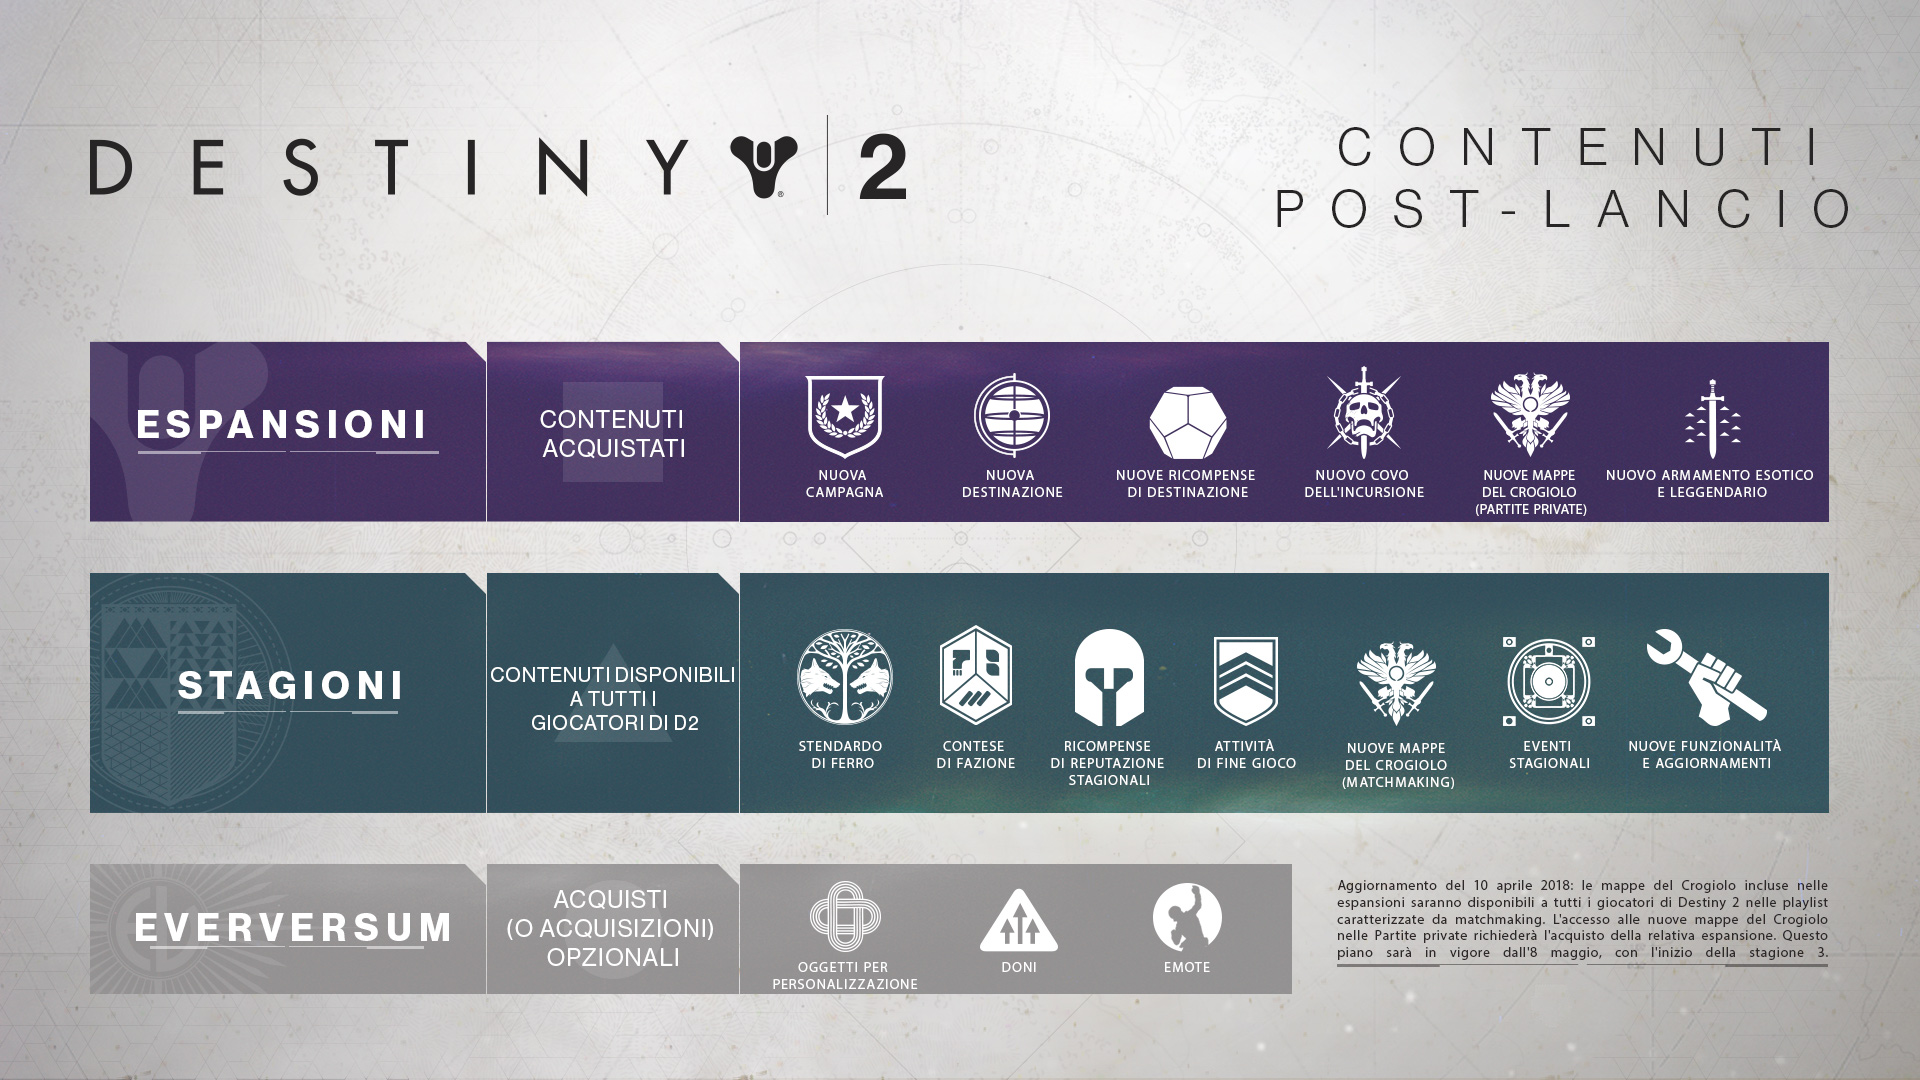 Destiny 2: annunciata l'espansione La Mente Bellica, in arrivo a maggio